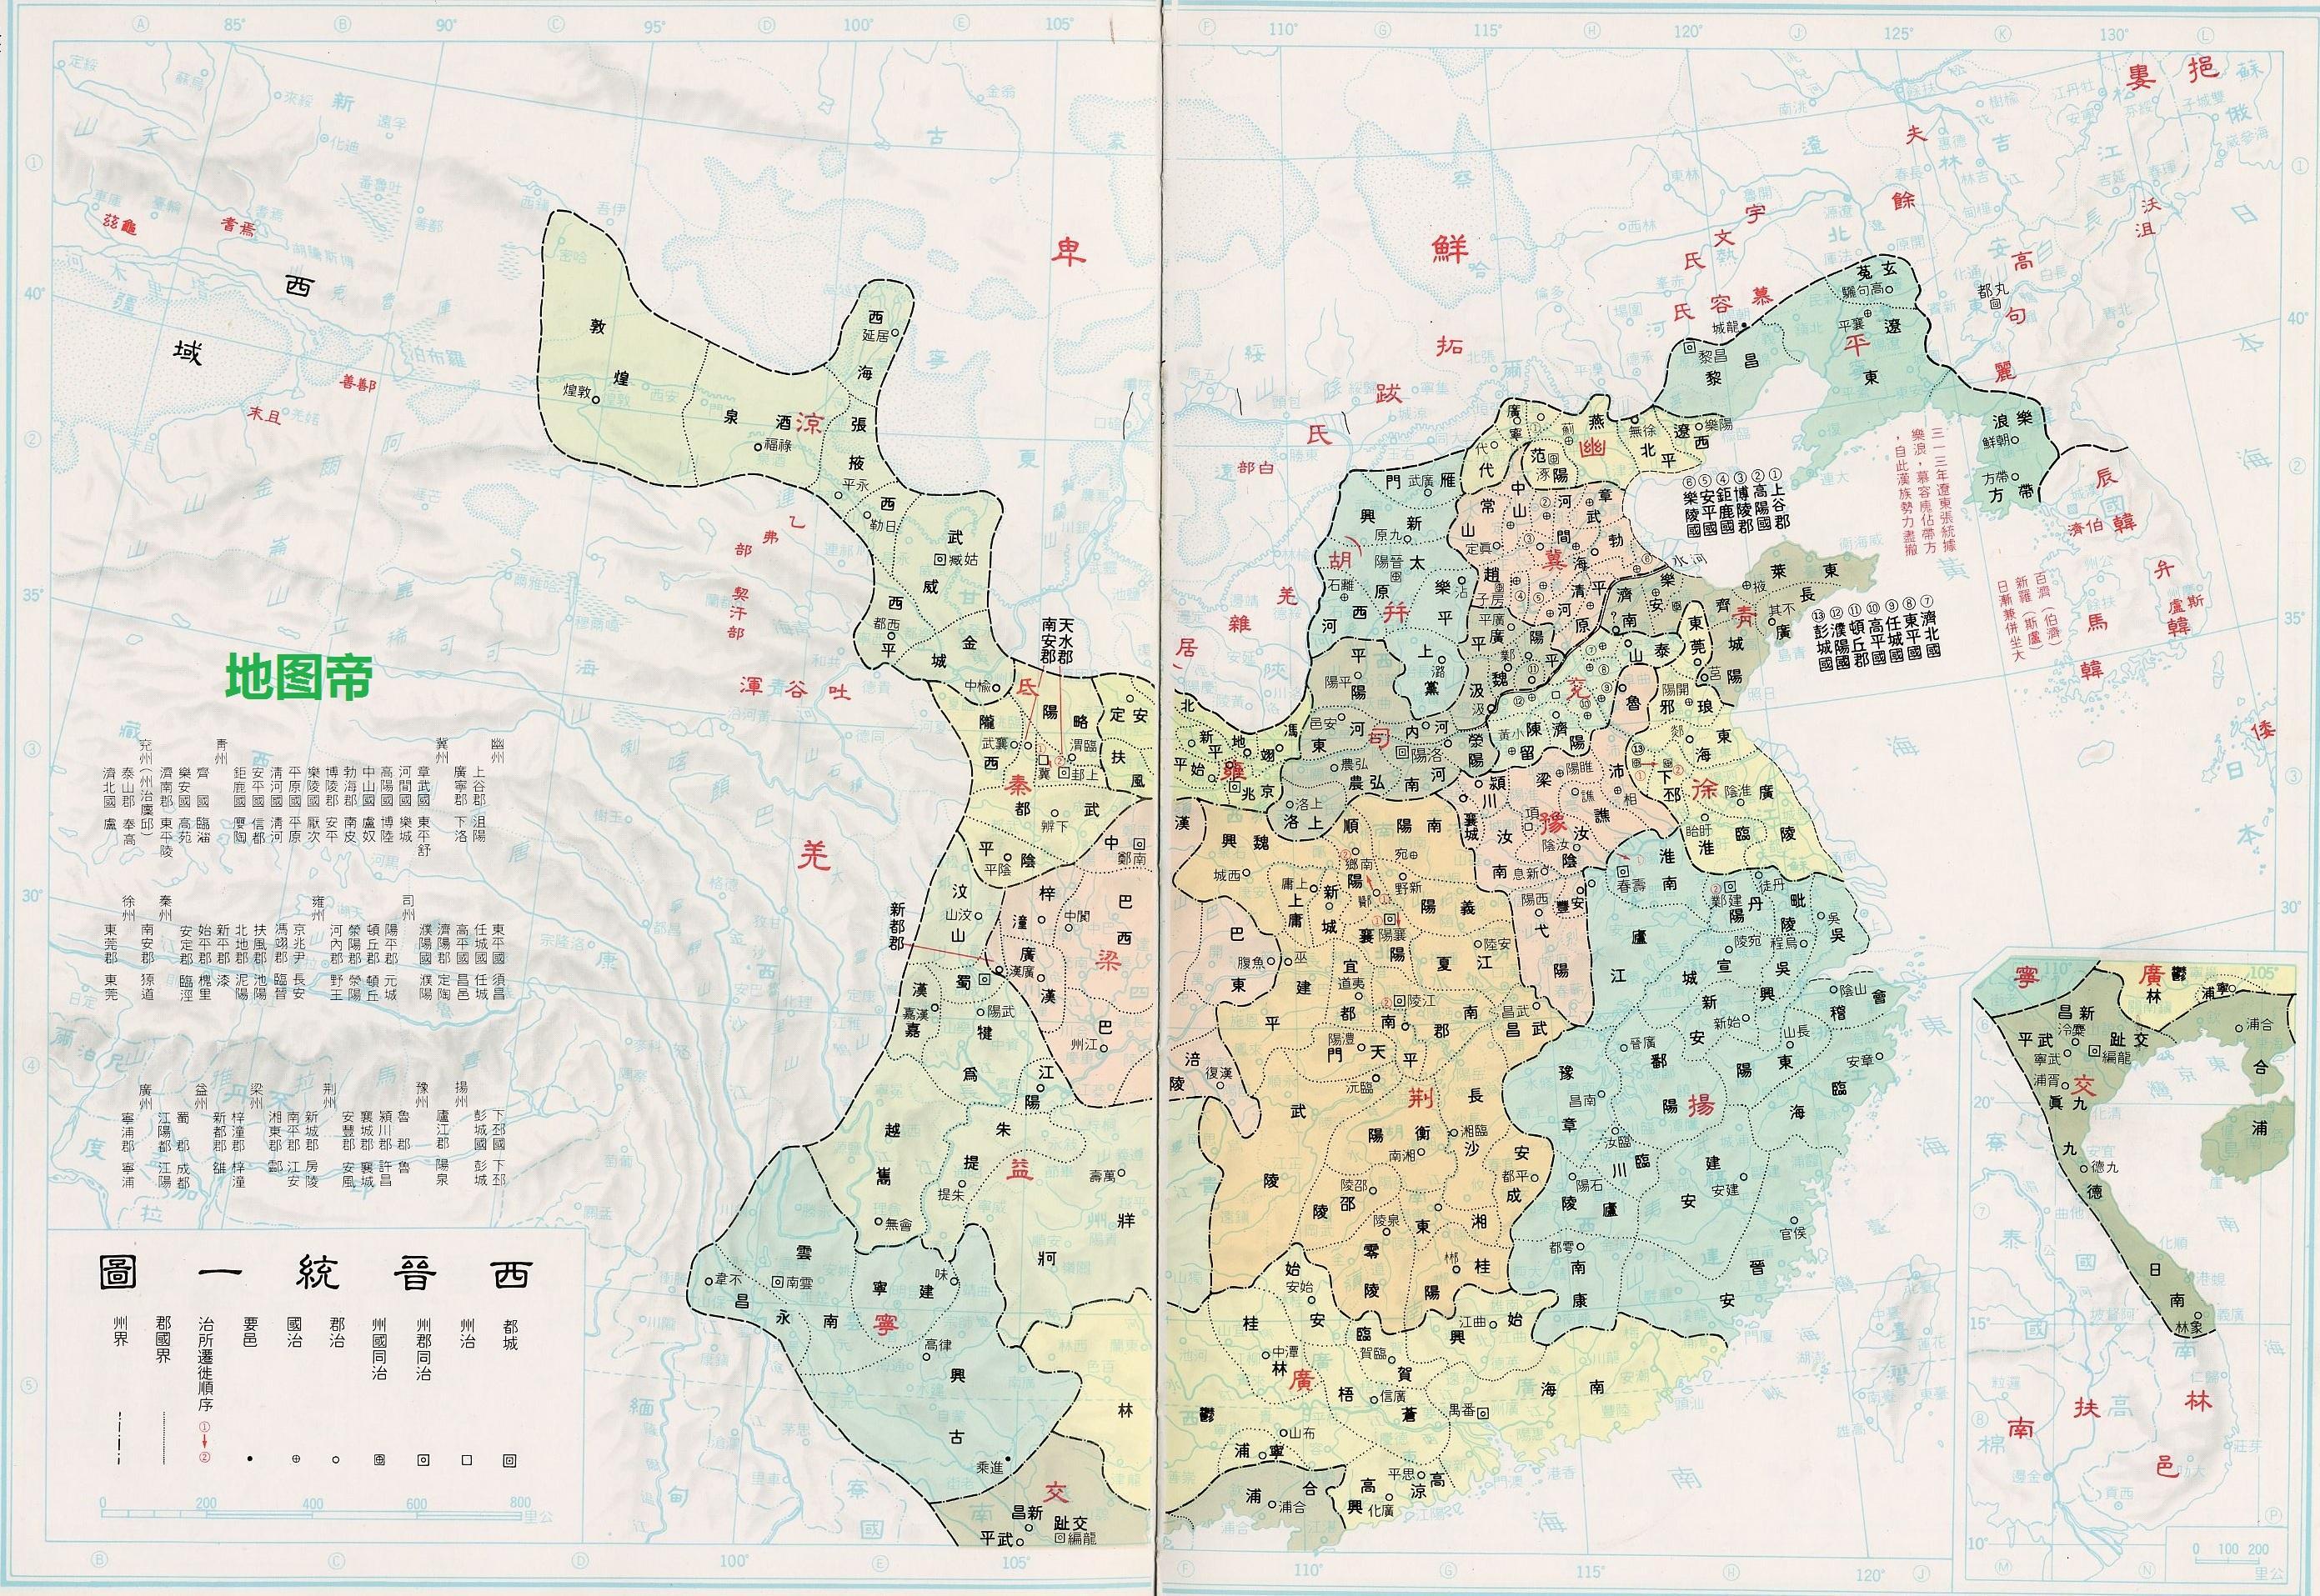 东汉末年分三国,刘备建立的蜀汉是三国之一,在关羽大意失荆州后,蜀汉